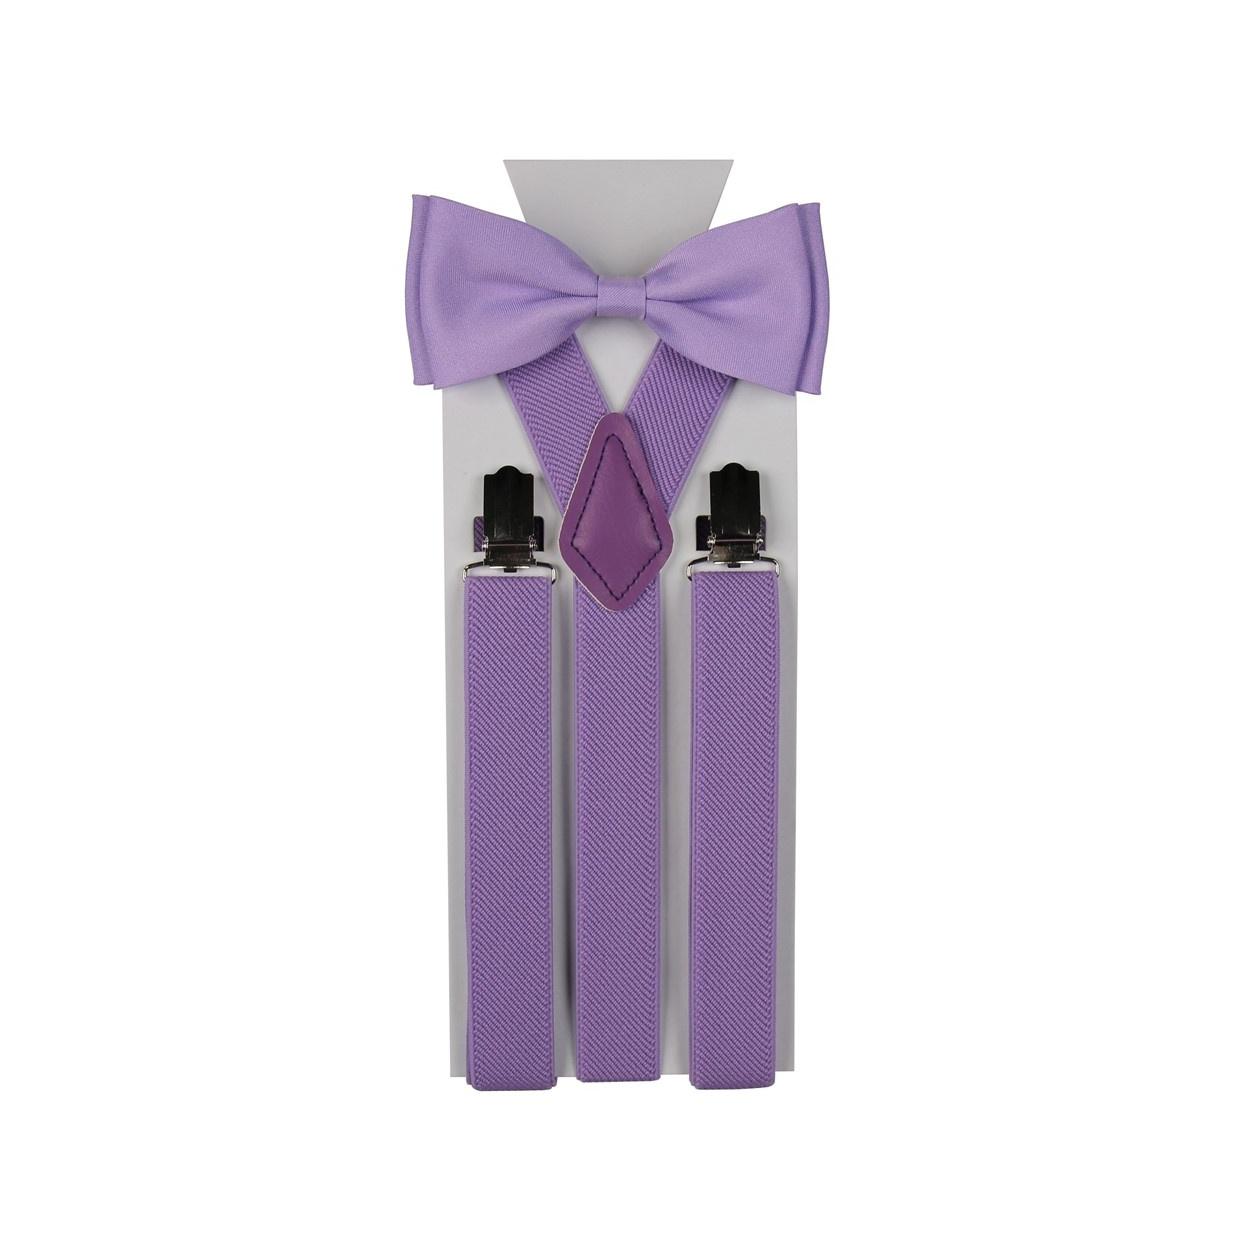 Pánský set šle a motýlek jednobarevný ve fialové barvě